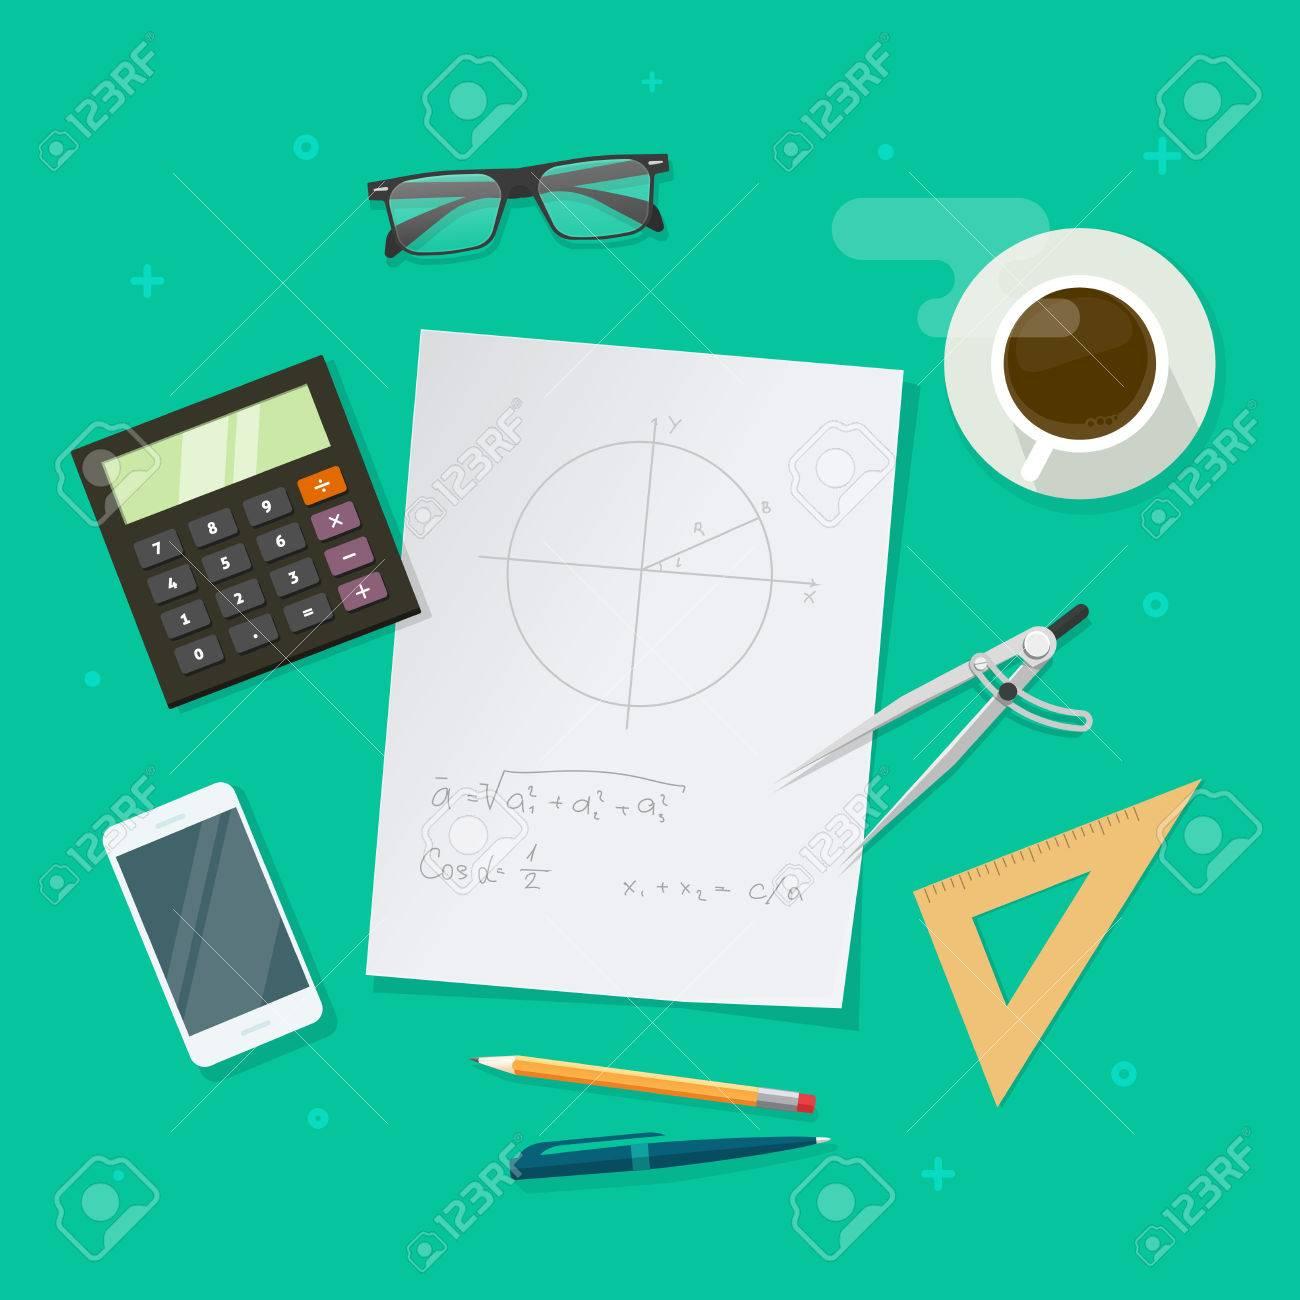 Lección De La Escuela Concepto Del Estudio, Objetos De Educación En ...